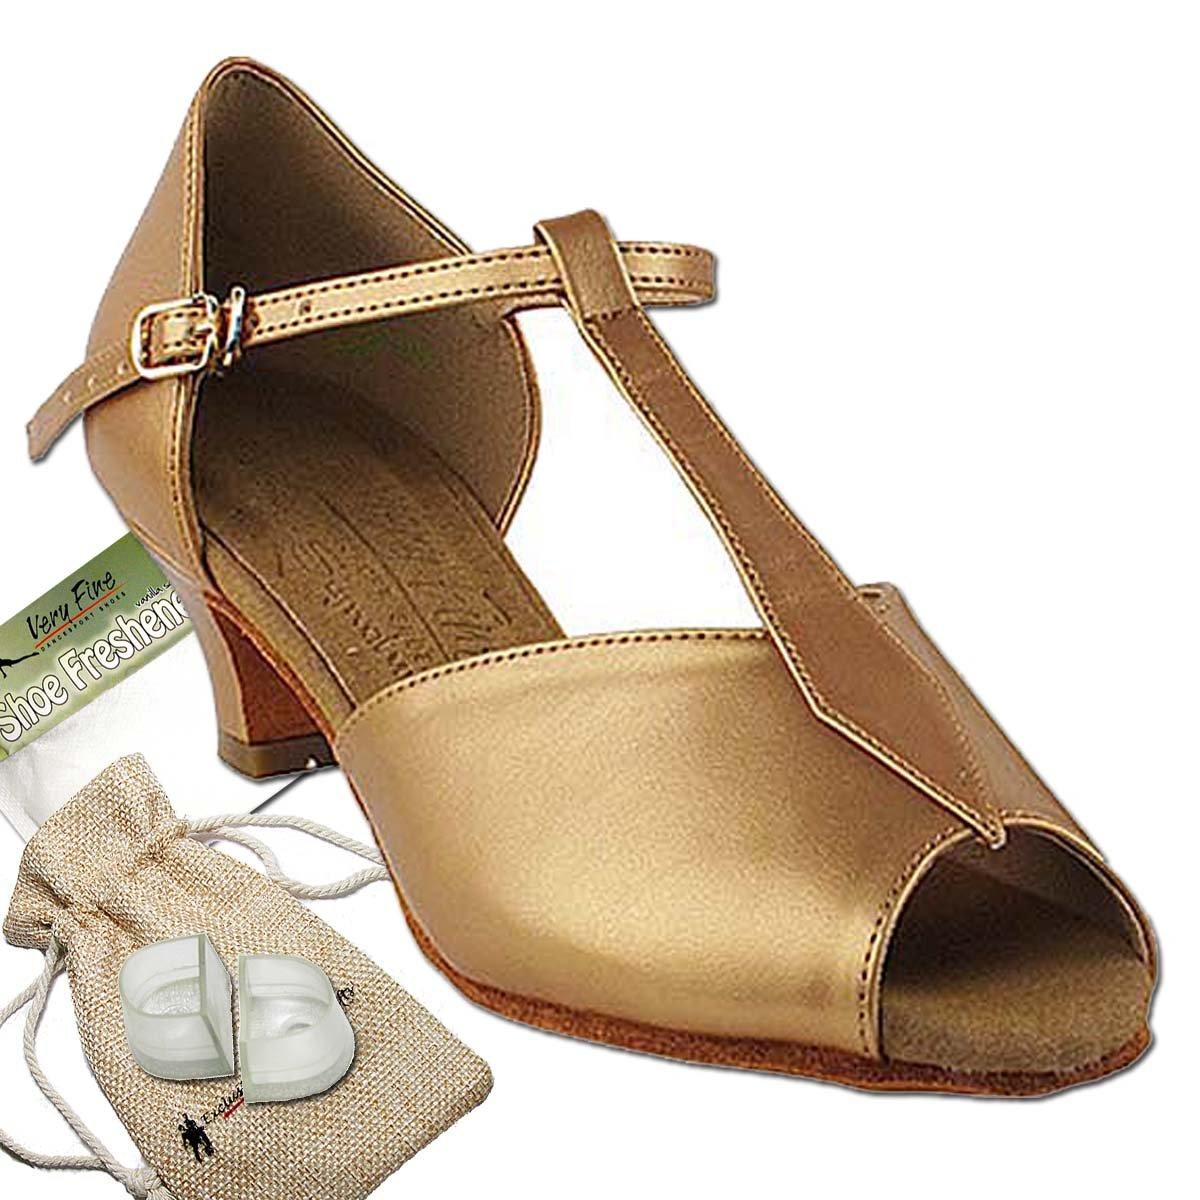 レディース社交ダンスシューズサルサラテン練習靴s2802eb comfortable-very Fine 1.2